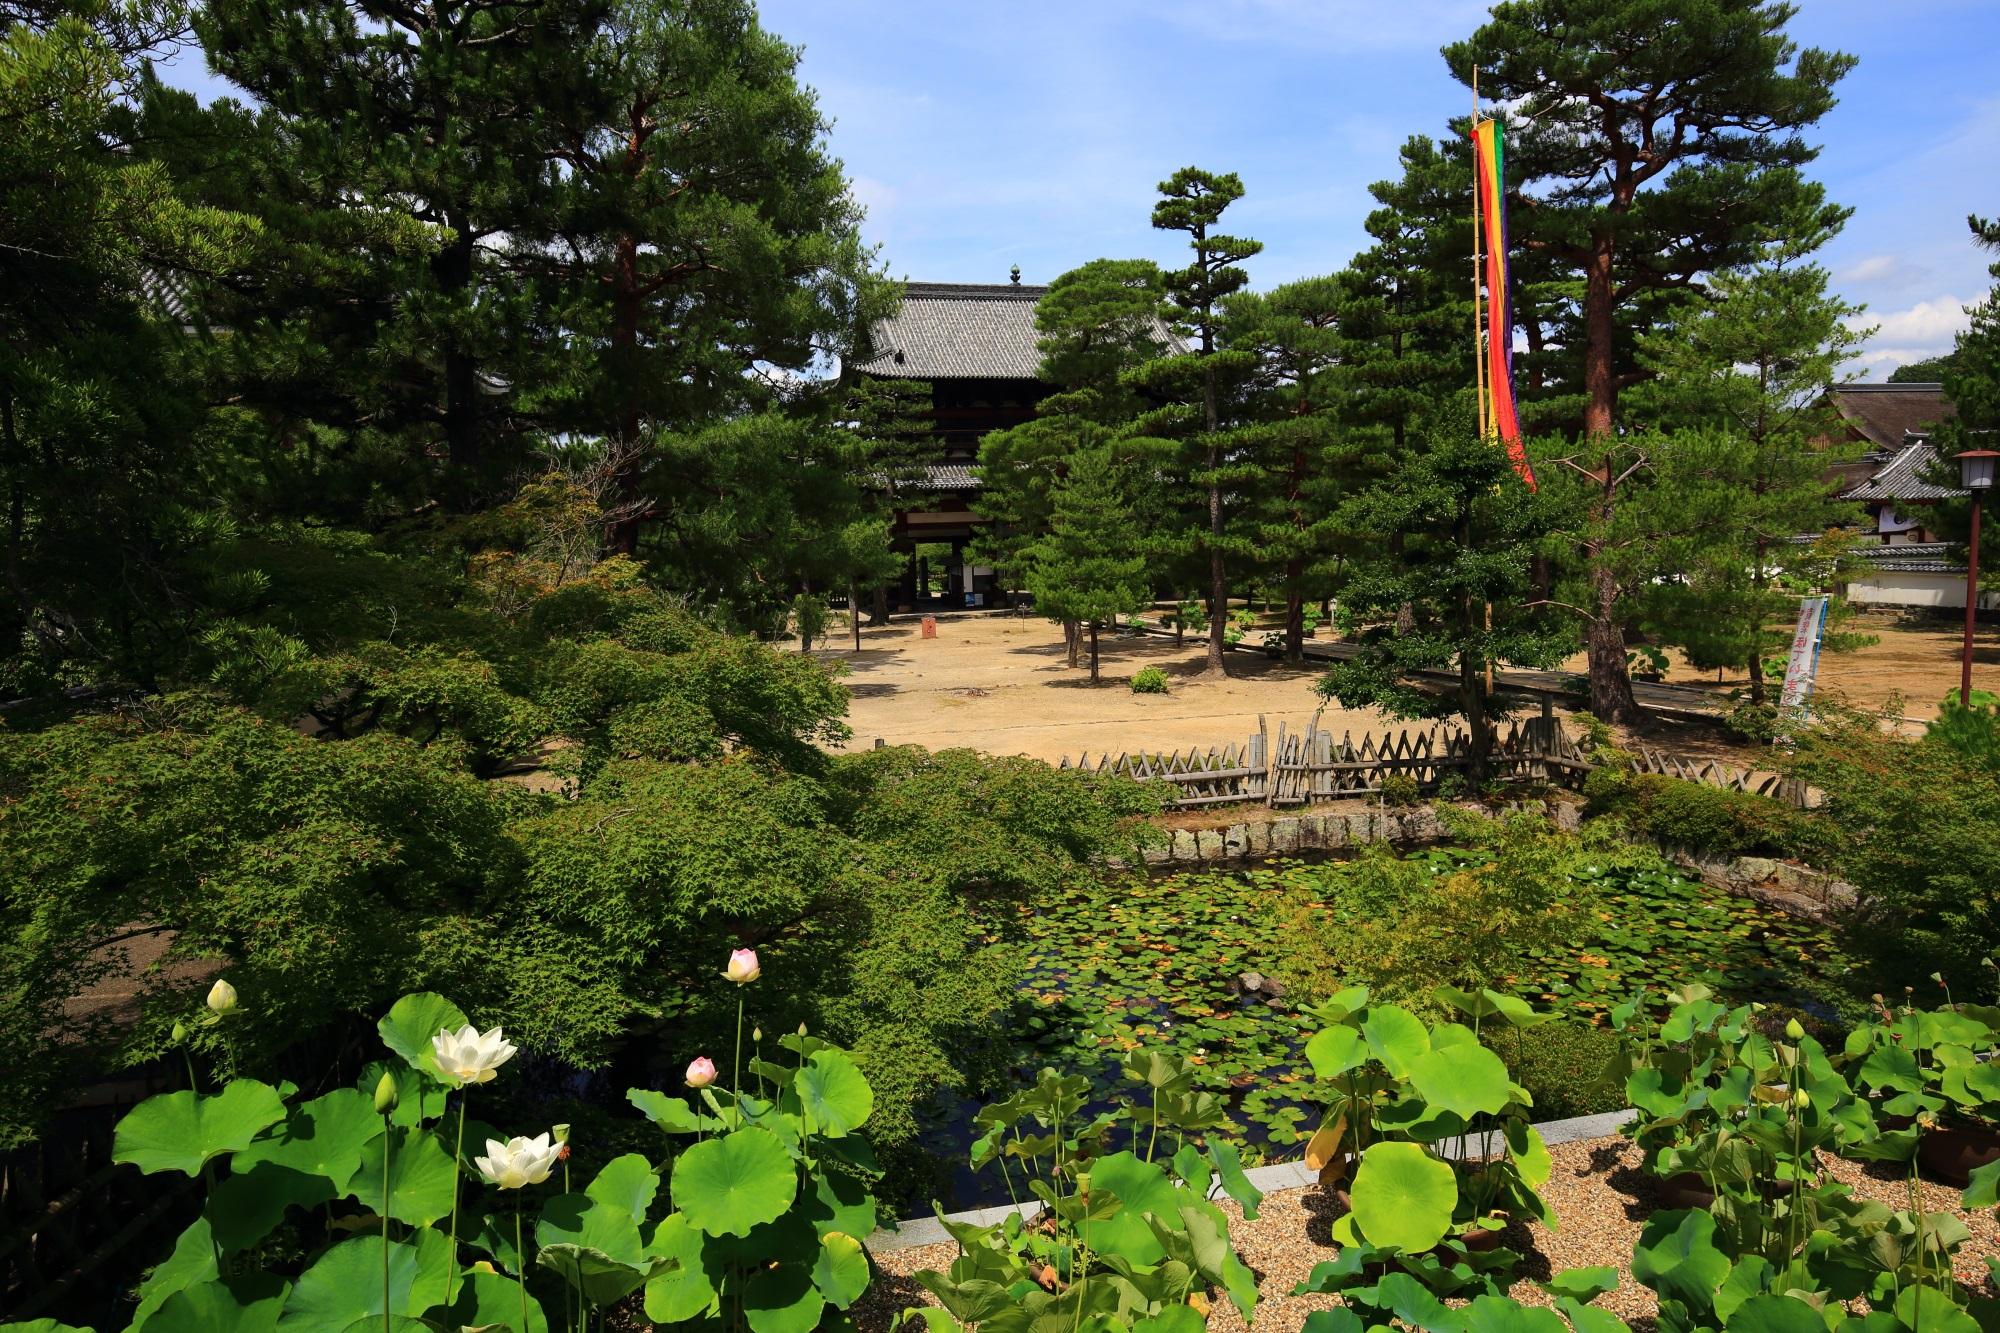 萬福寺の天王殿から眺めた大きな三門と広々とした境内